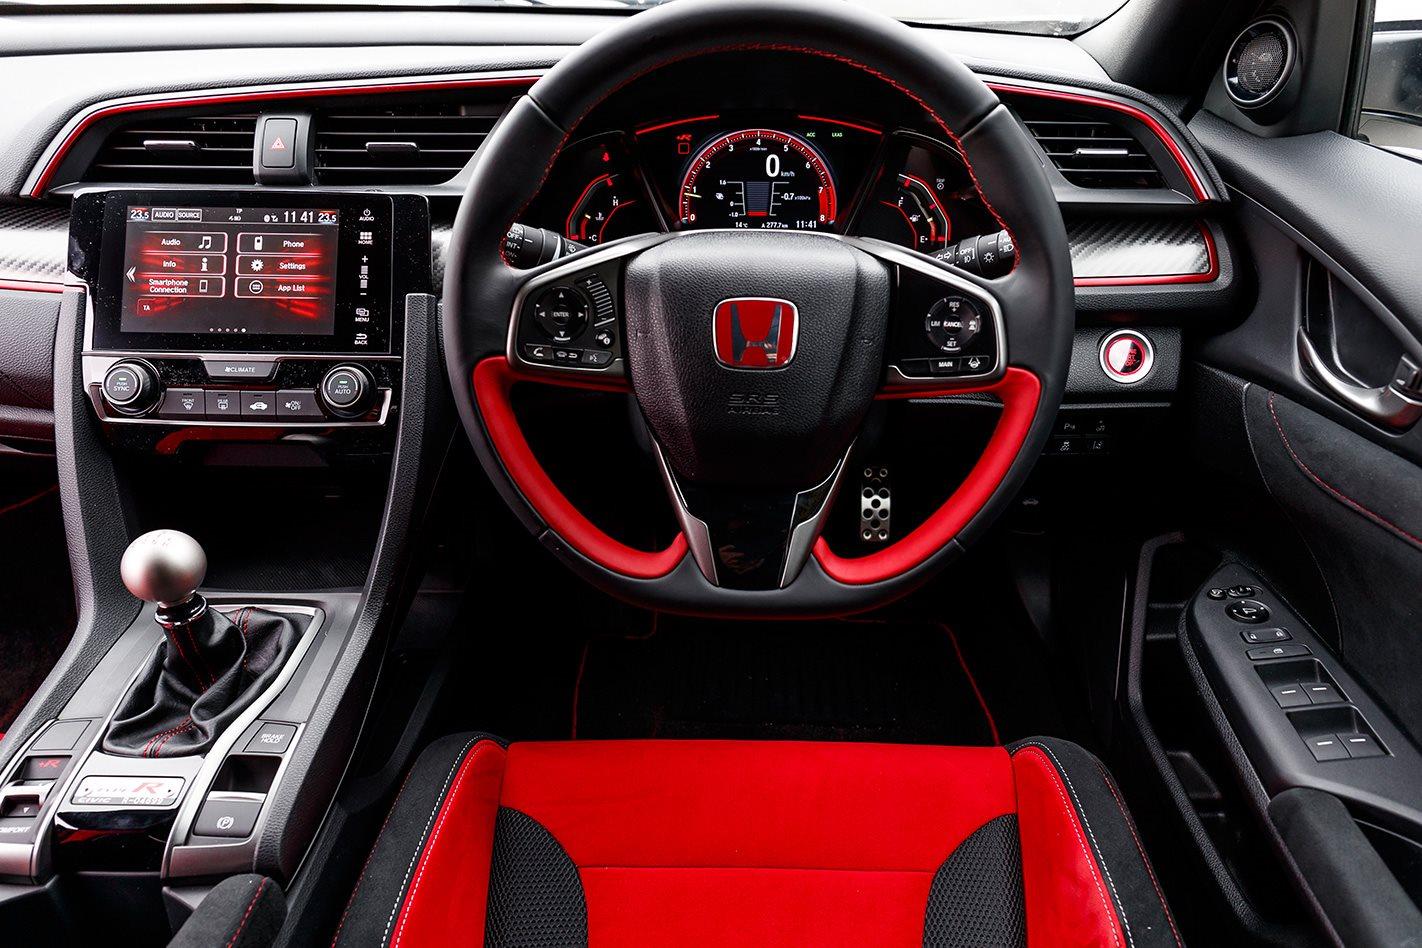 2017-Honda-Civic-Type-R-steering-wheel.jpg